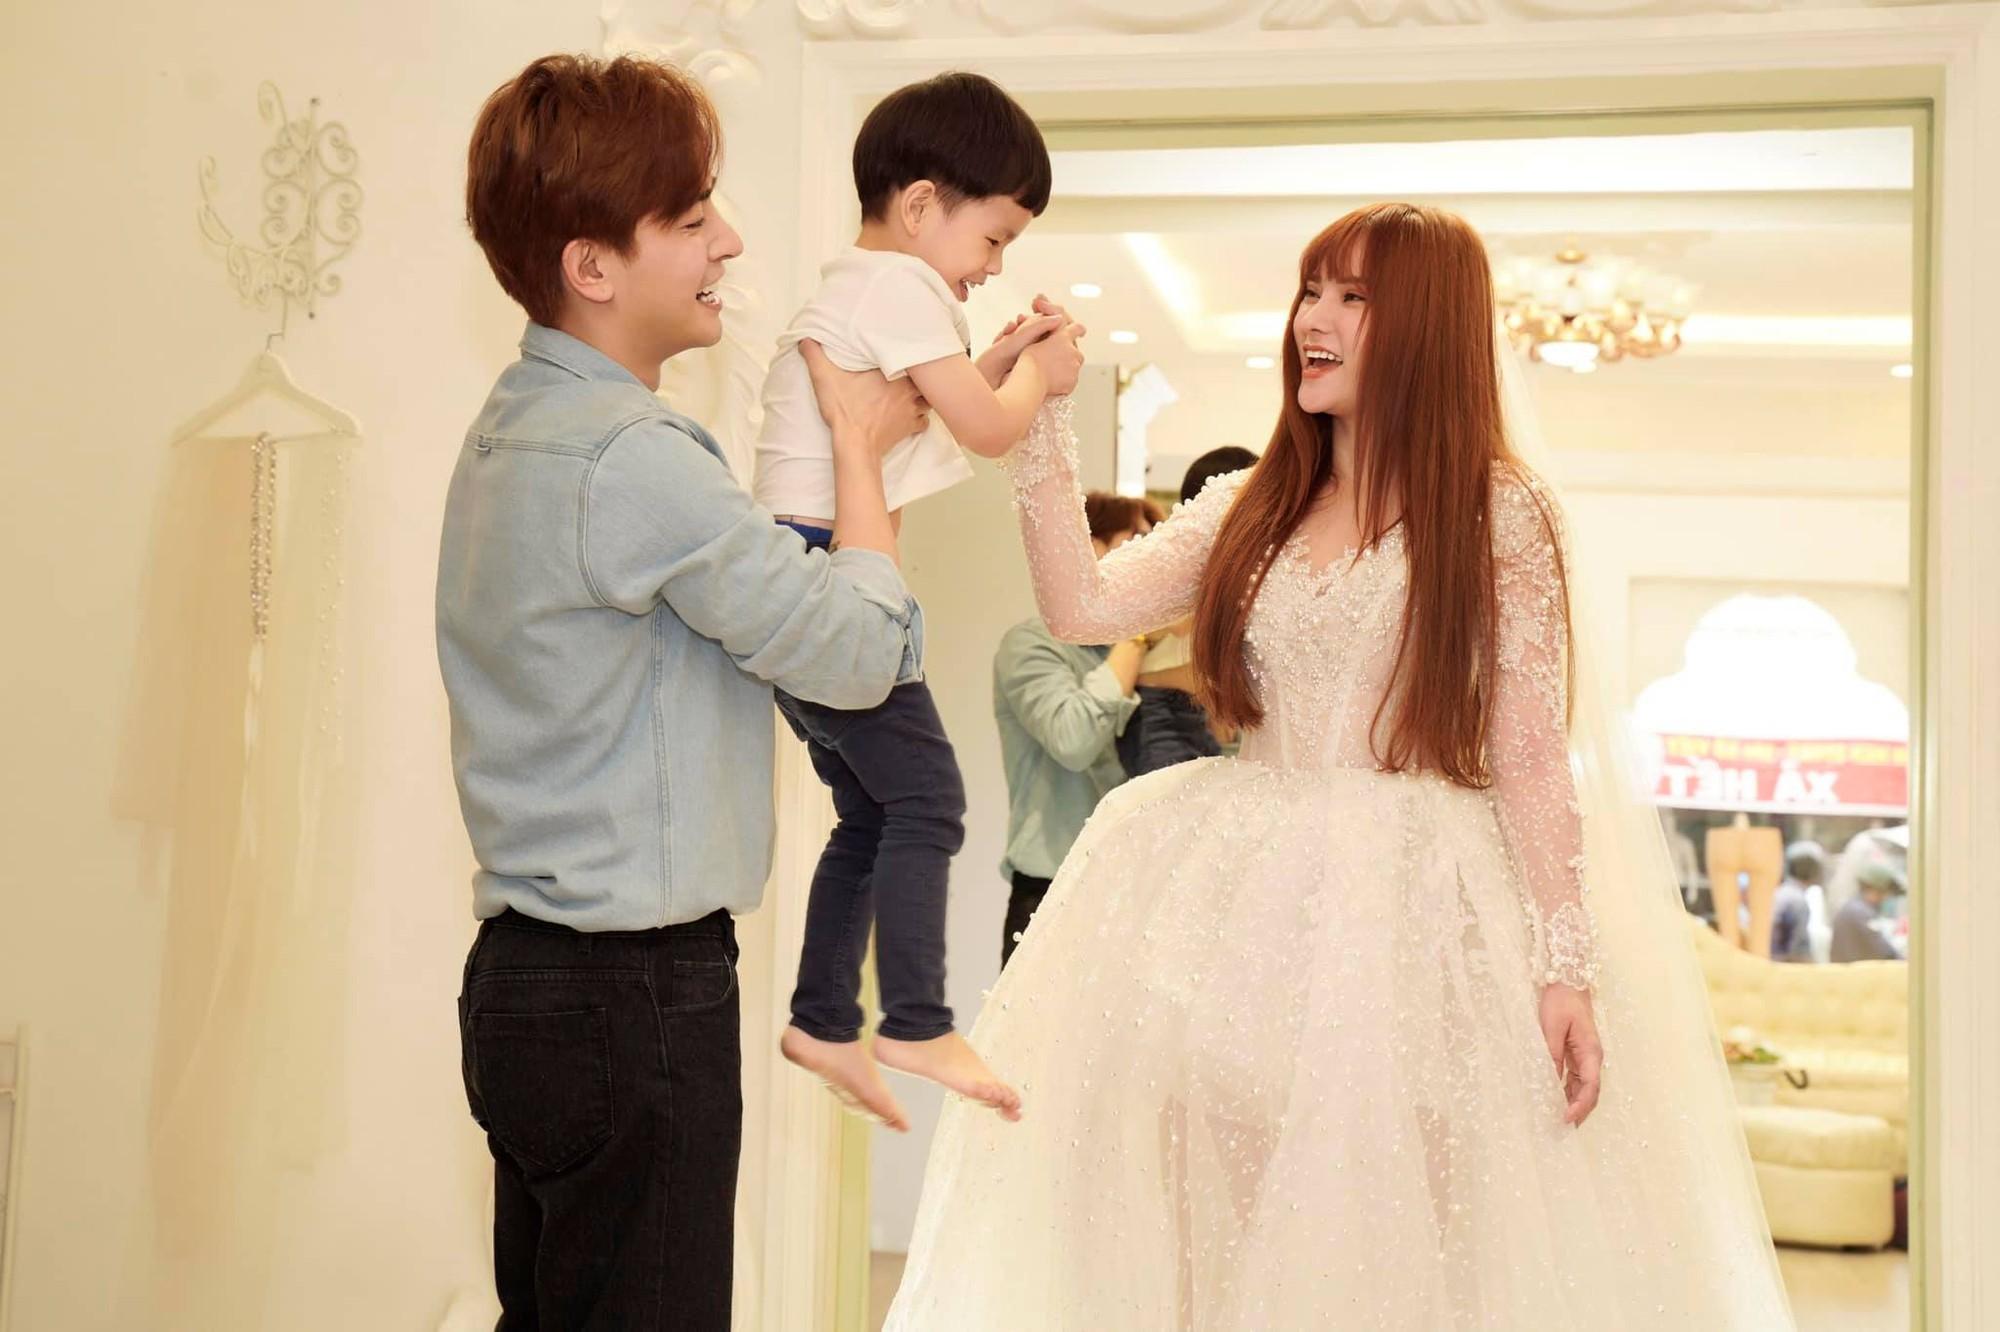 Thu Thủy cùng tình trẻ đi thử đồ cưới, đưa ra câu trả lời rõ ràng về thông tin cưới chạy bầu-5